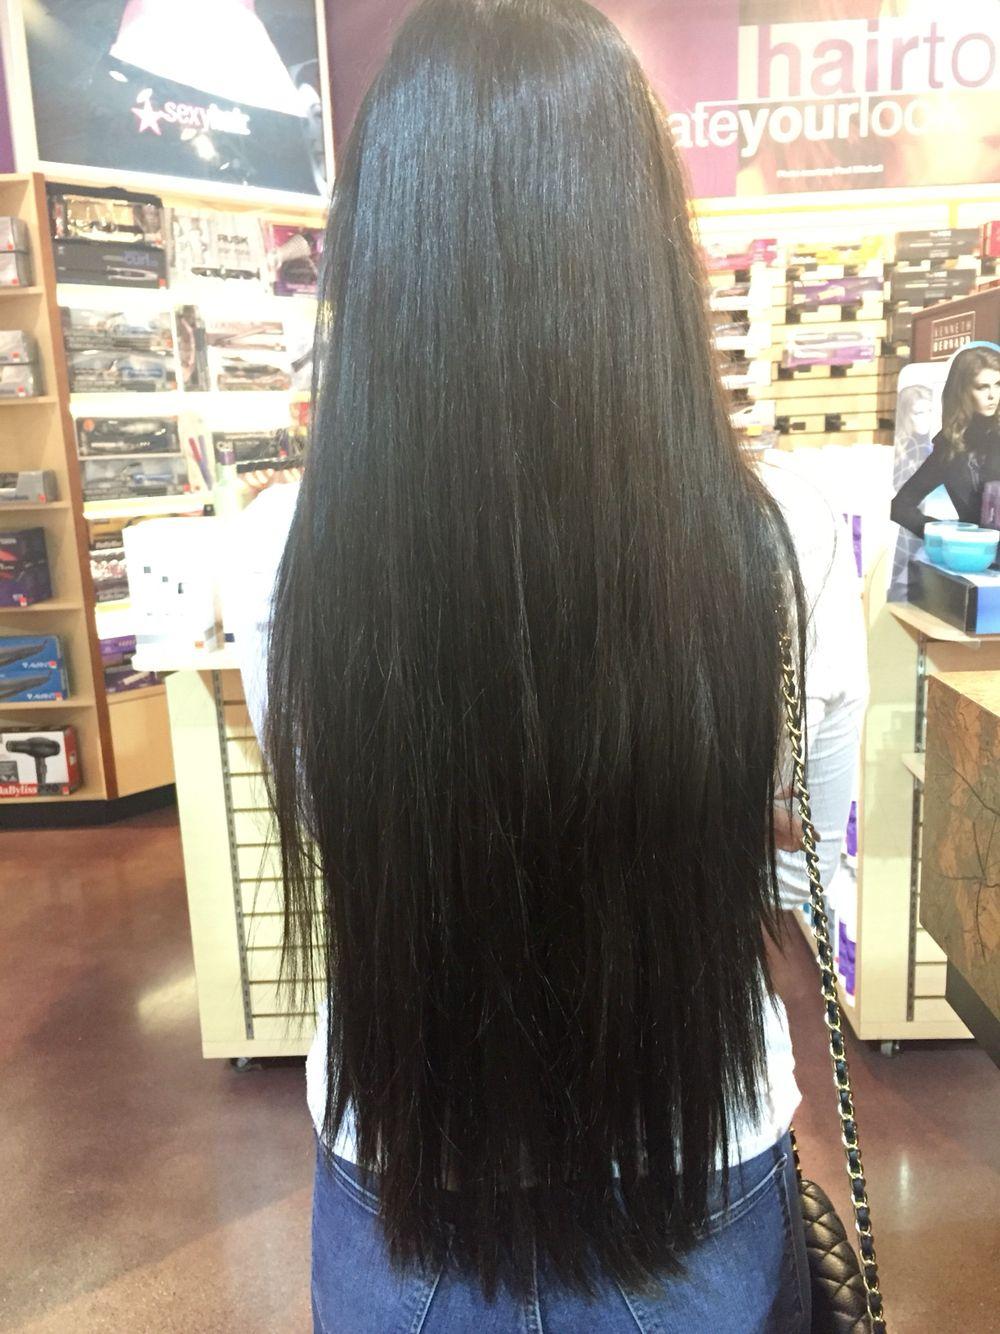 ριntєrєѕt fruityanji Hair Pinterest Hair goals